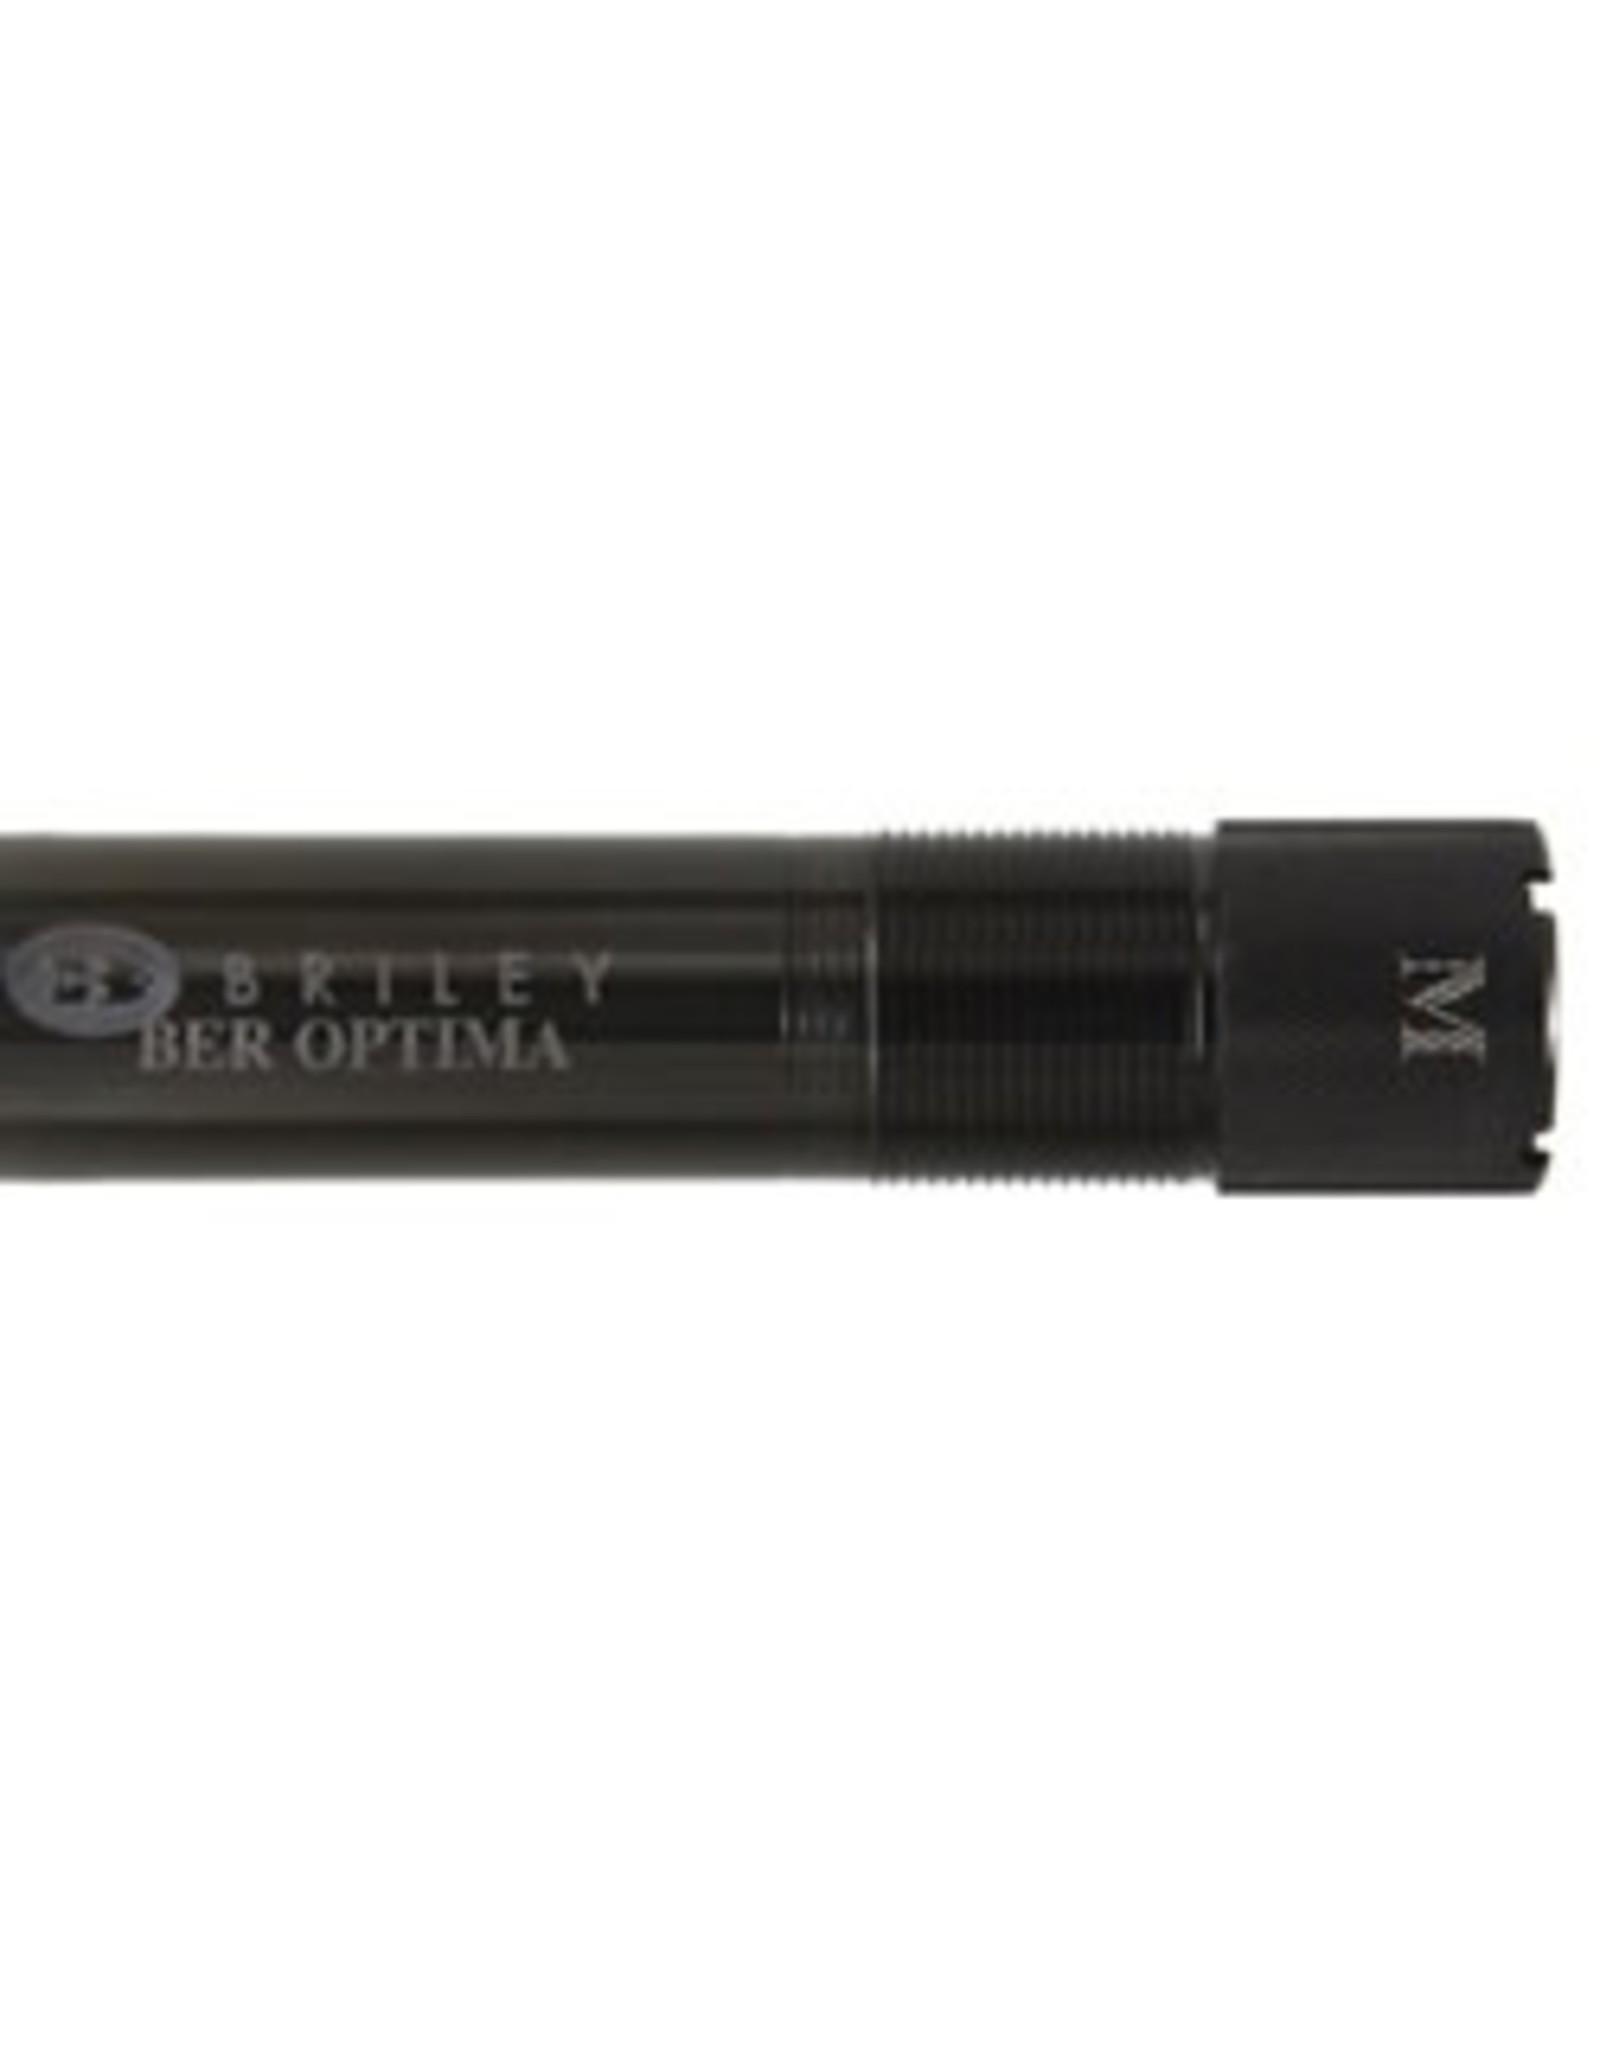 Beretta Optima 12ga Ext Blk - Cylinder